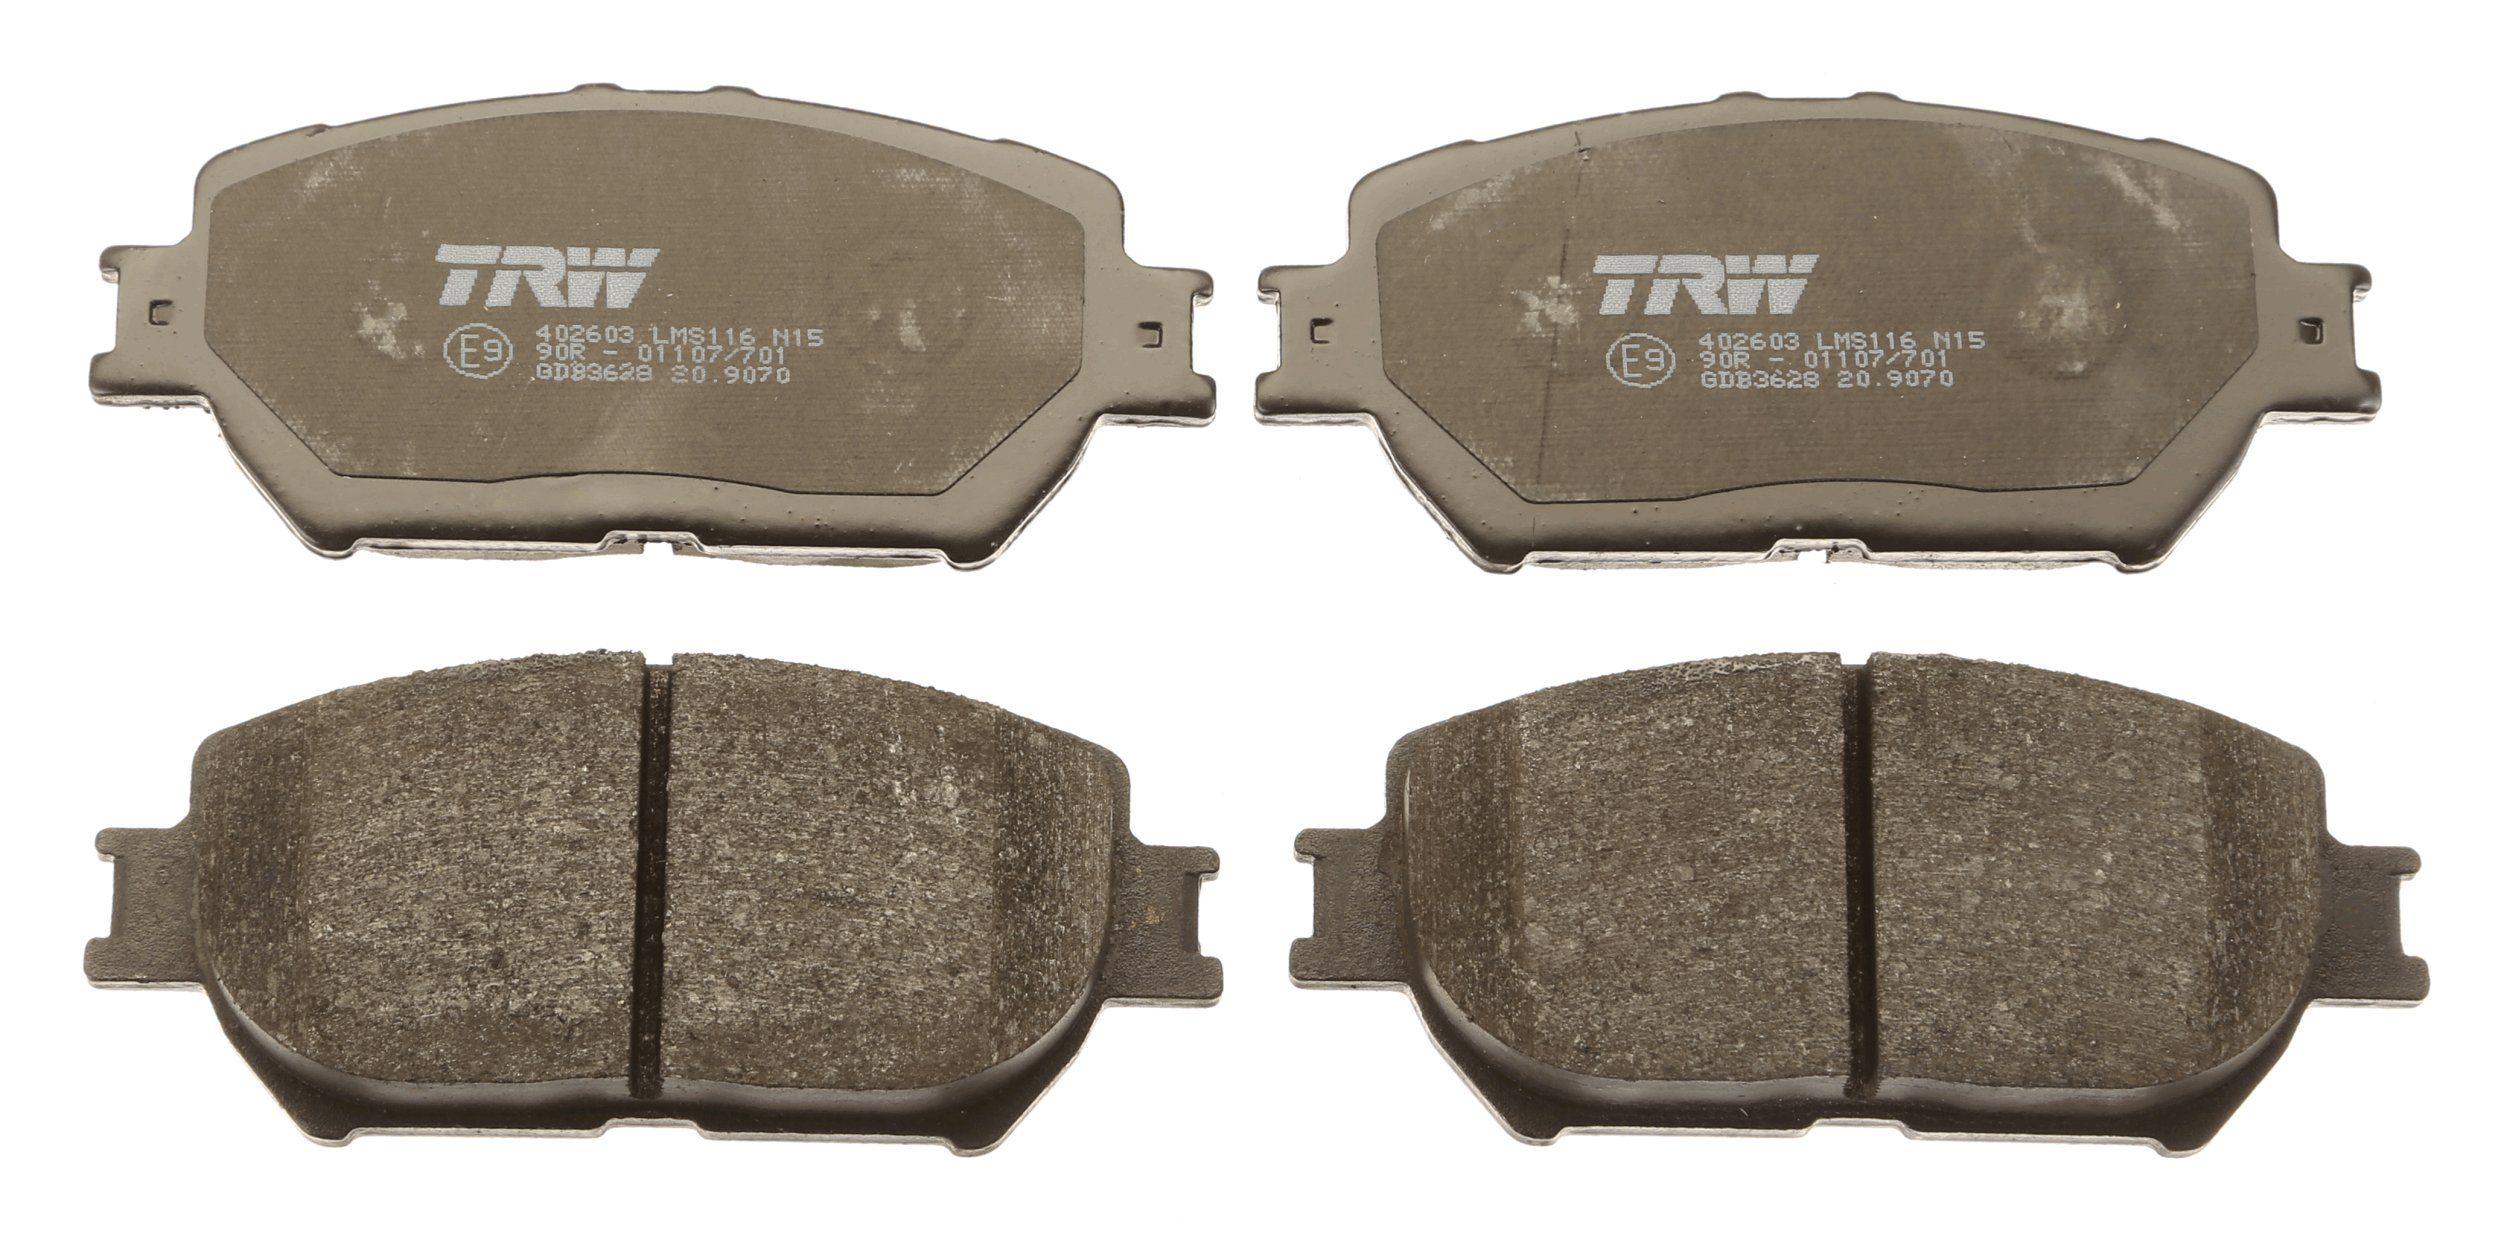 Bremsbelagsatz TRW GDB3628 Bewertung